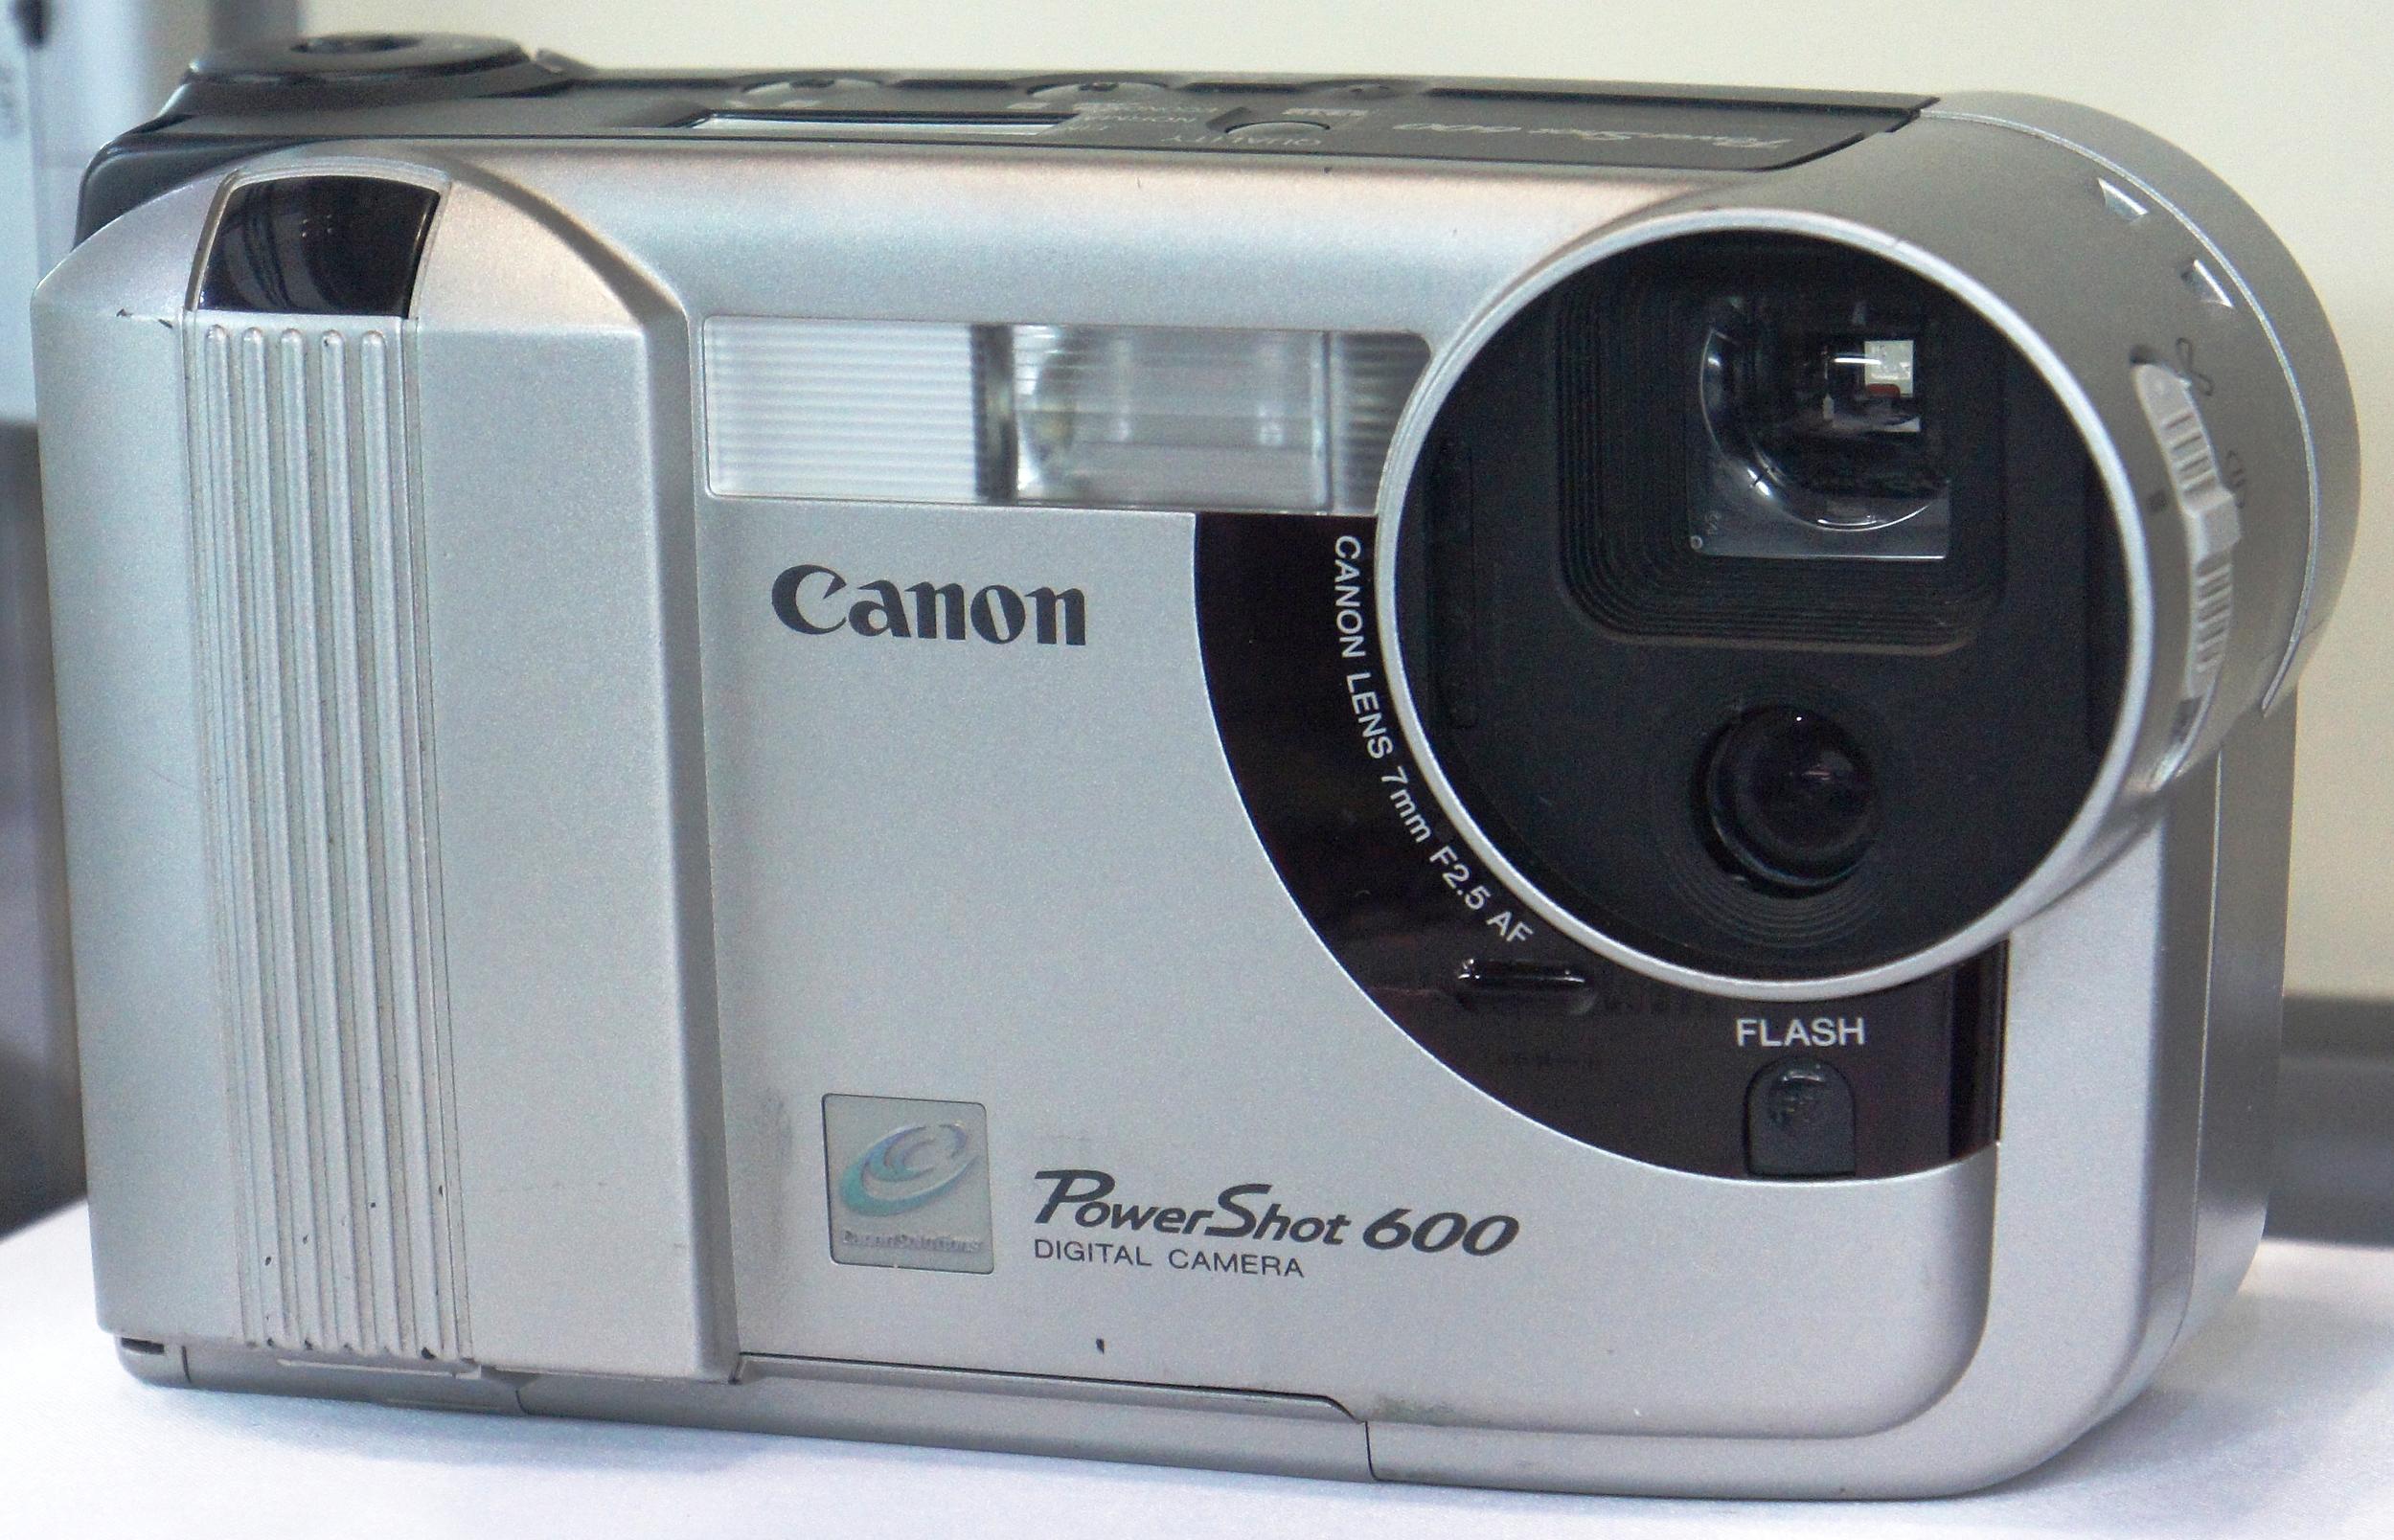 Pretentious Macbook Pro Canon Mx882 Driver Windows 10 Canon Powershot 600 Cp2b 2011 Canon Mx882 Driver dpreview Canon Mx882 Driver